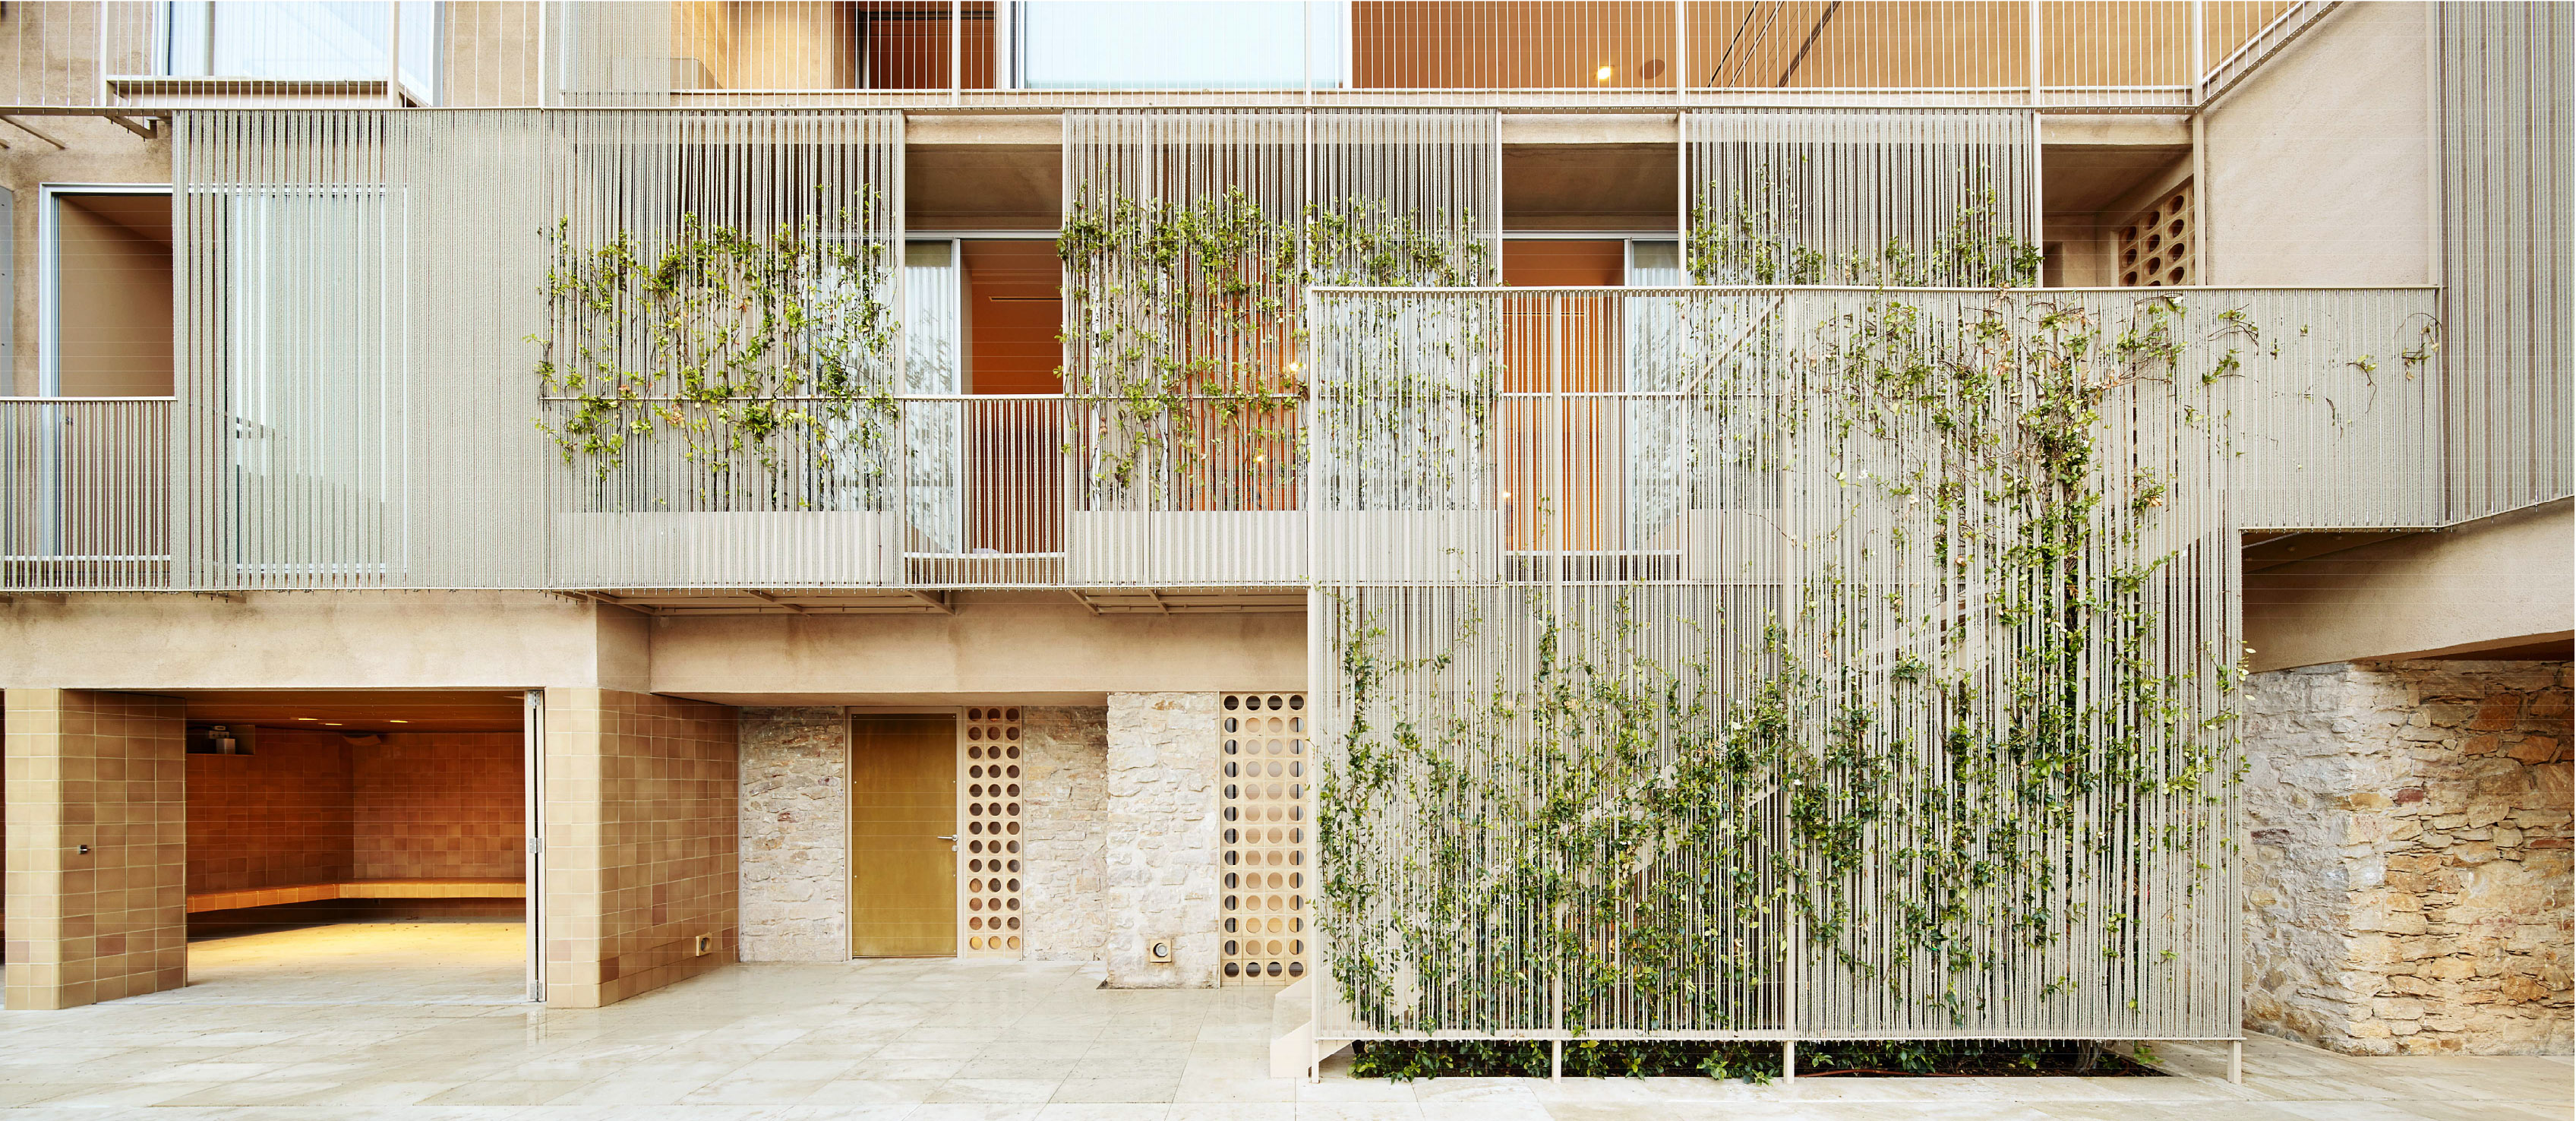 XIII-BEAU - España - Premiado - Casa Andamio